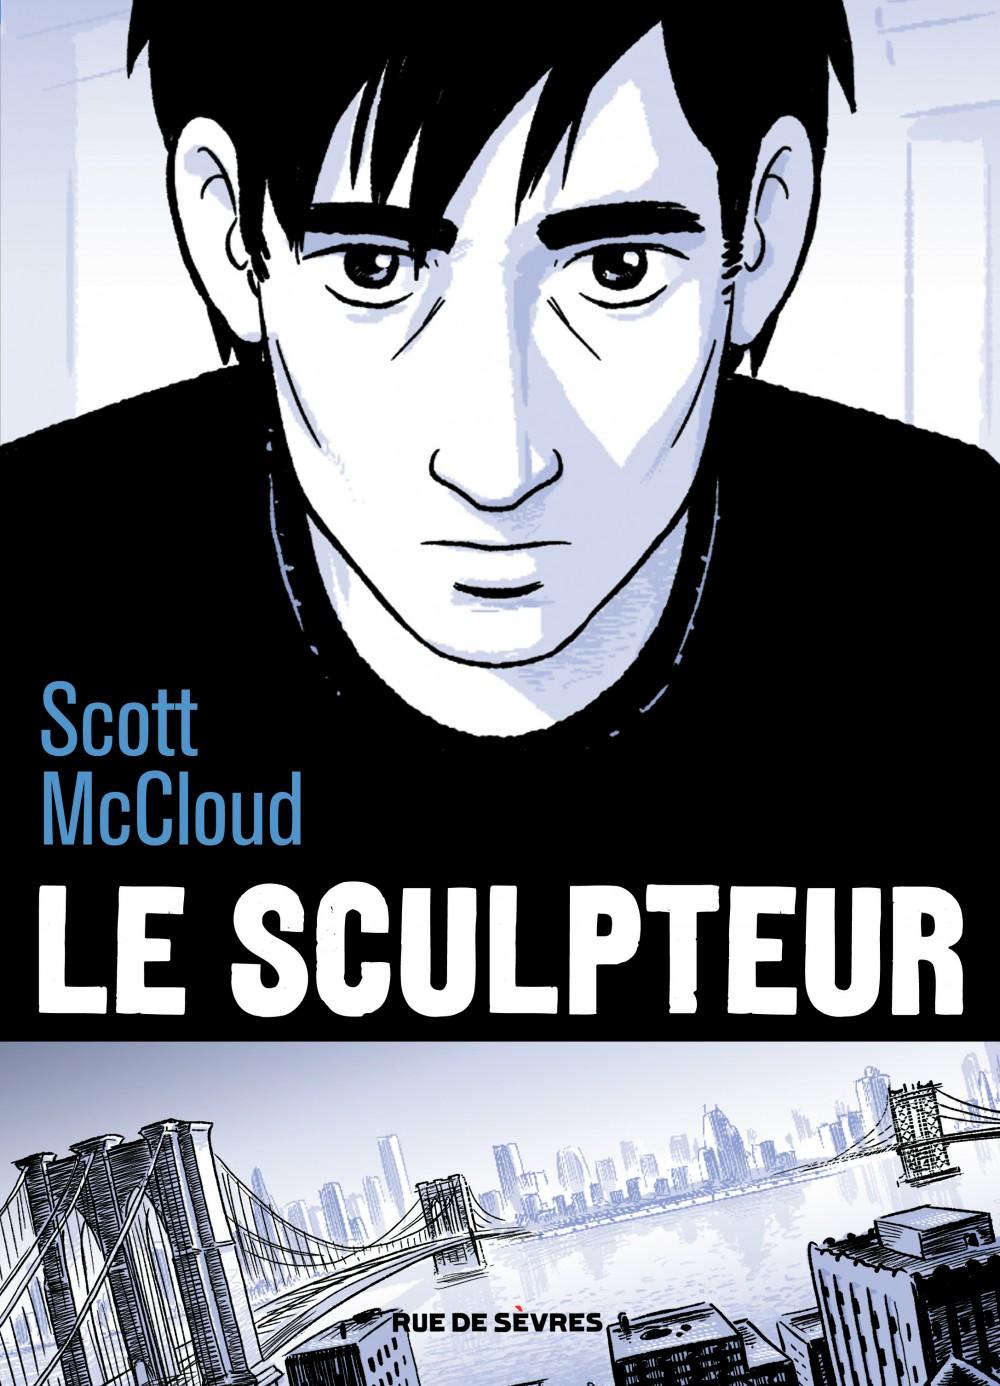 Scott McCloud - Le sculpteur - Rue de Sèvres - Couverture